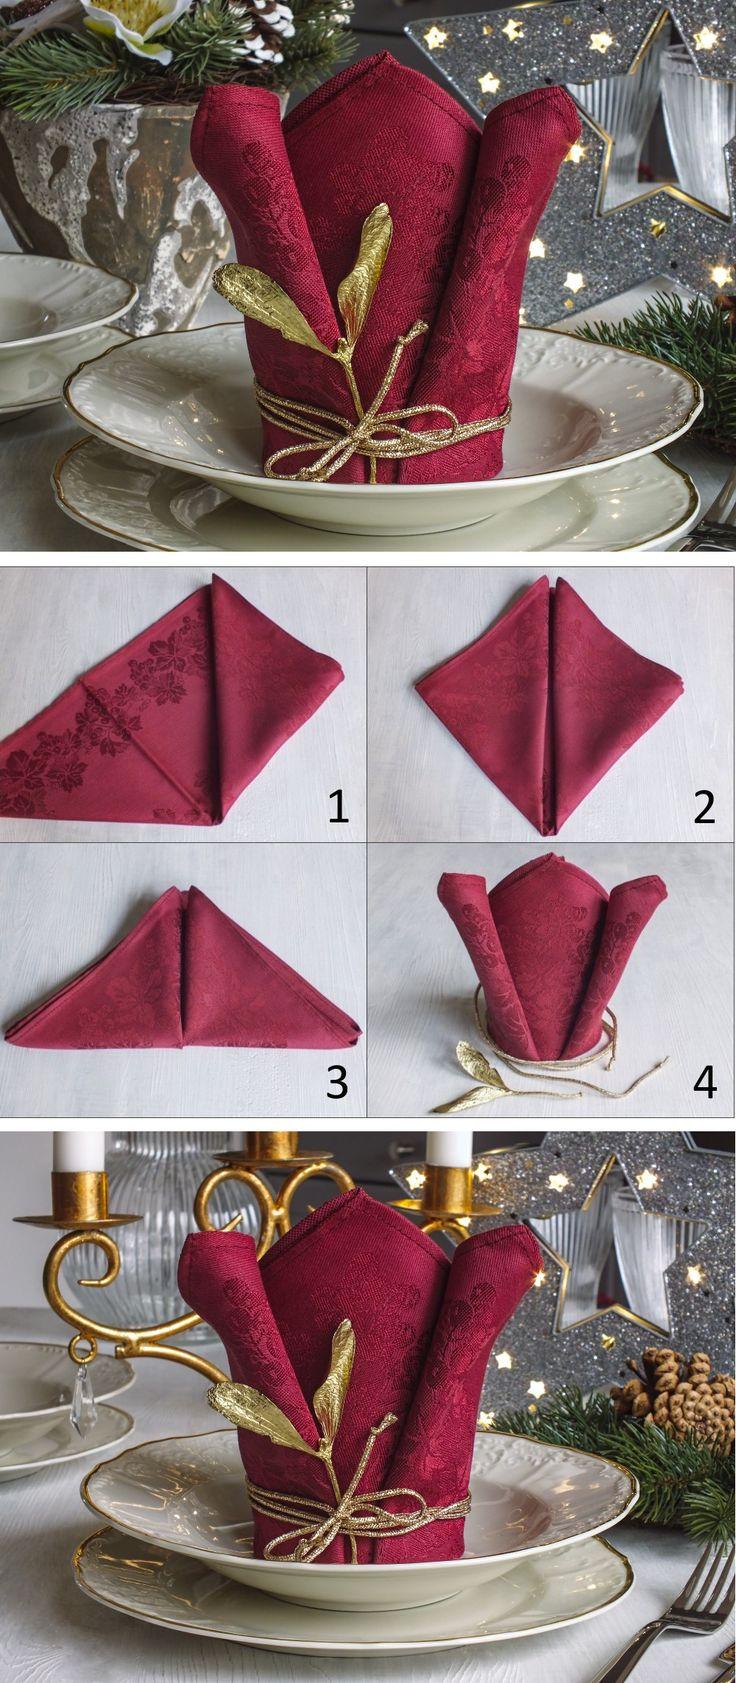 Ubrousek složený do tvaru korunky doslova korunuje vaši slavnostní tabuli. Ozdobit můžete dle sezóny, v zimním období například kouskem jmelí.